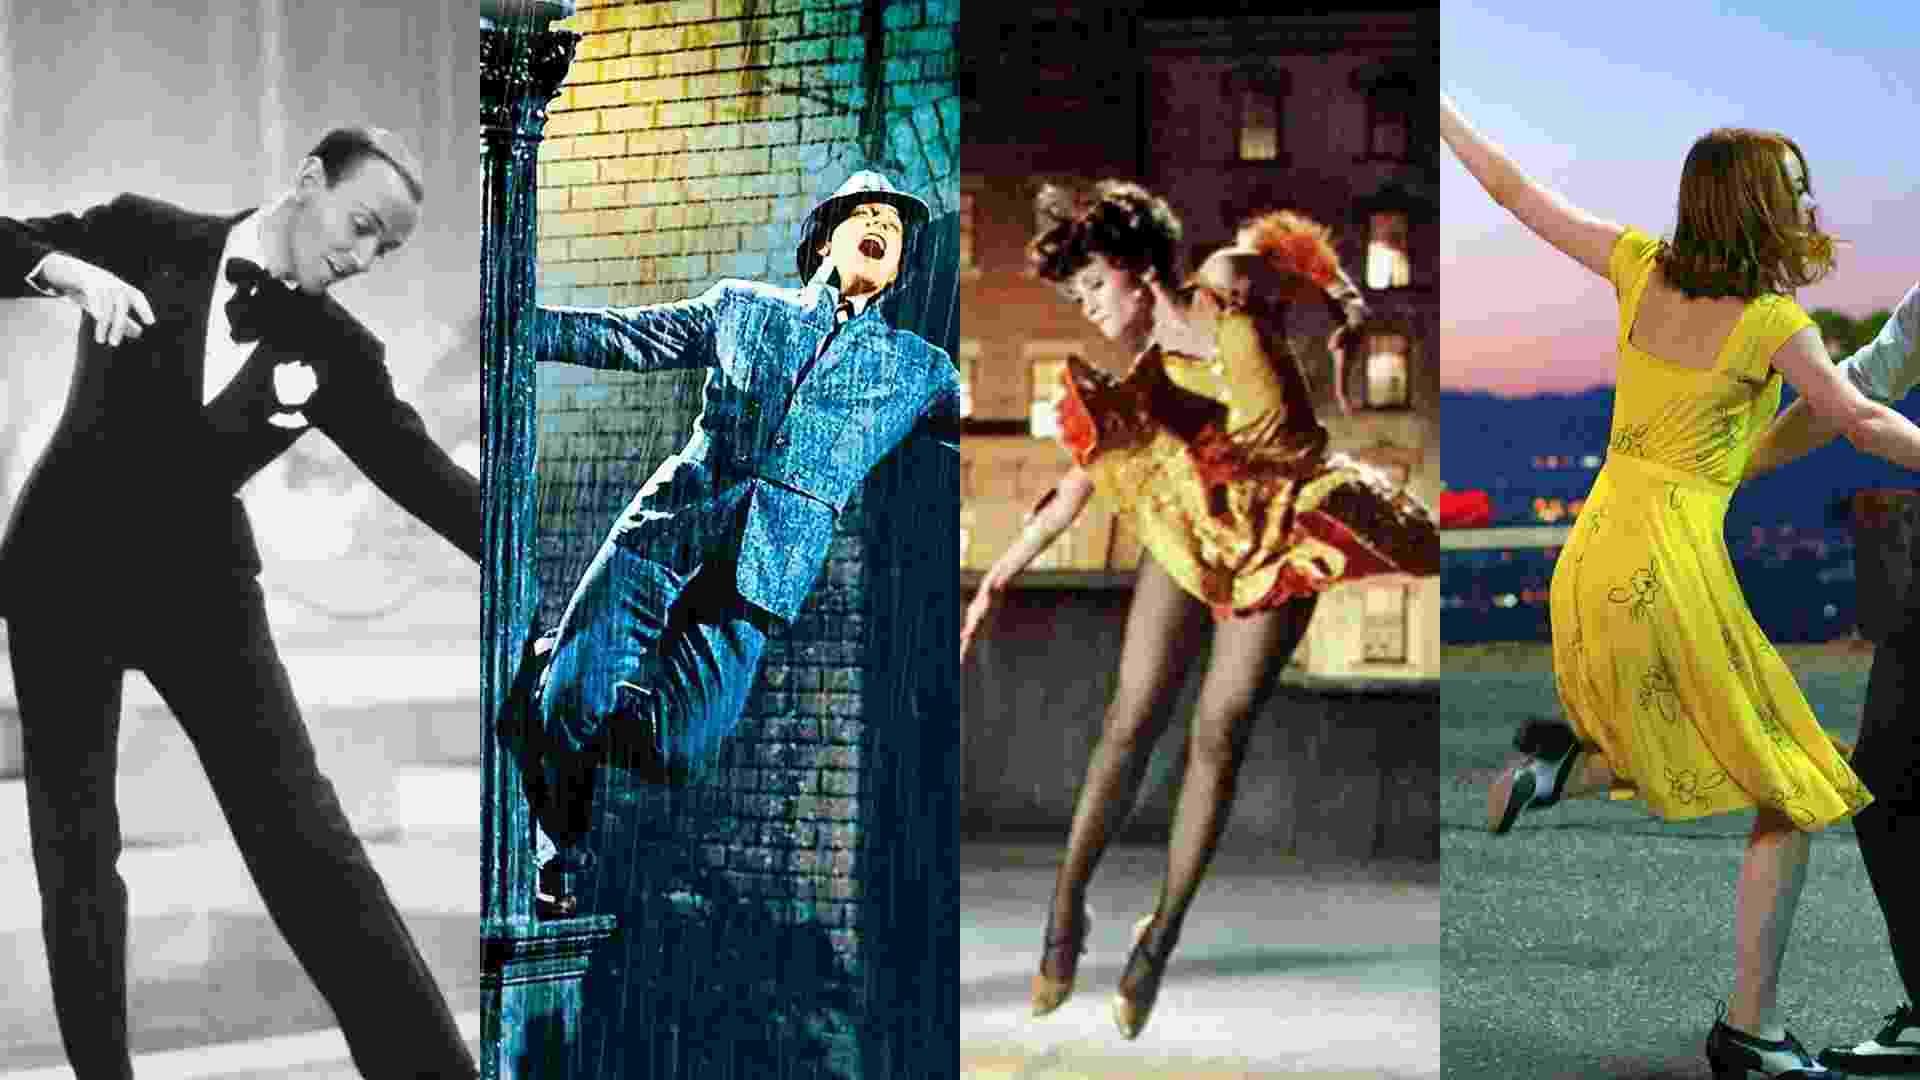 """Cena do filme Cena do filme """"O Picolino"""" (1935), de Mark Sandrich/ """"Cantando na Chuva"""" (1952), de Stanley Donen e Gene Kelly/ """"Charity, Meu Amor"""" (1969), de Bob Fosse/ """"La La Land: Cantando Estações"""" (2016), de Damien Chazelle - Reprodução/Montagem"""